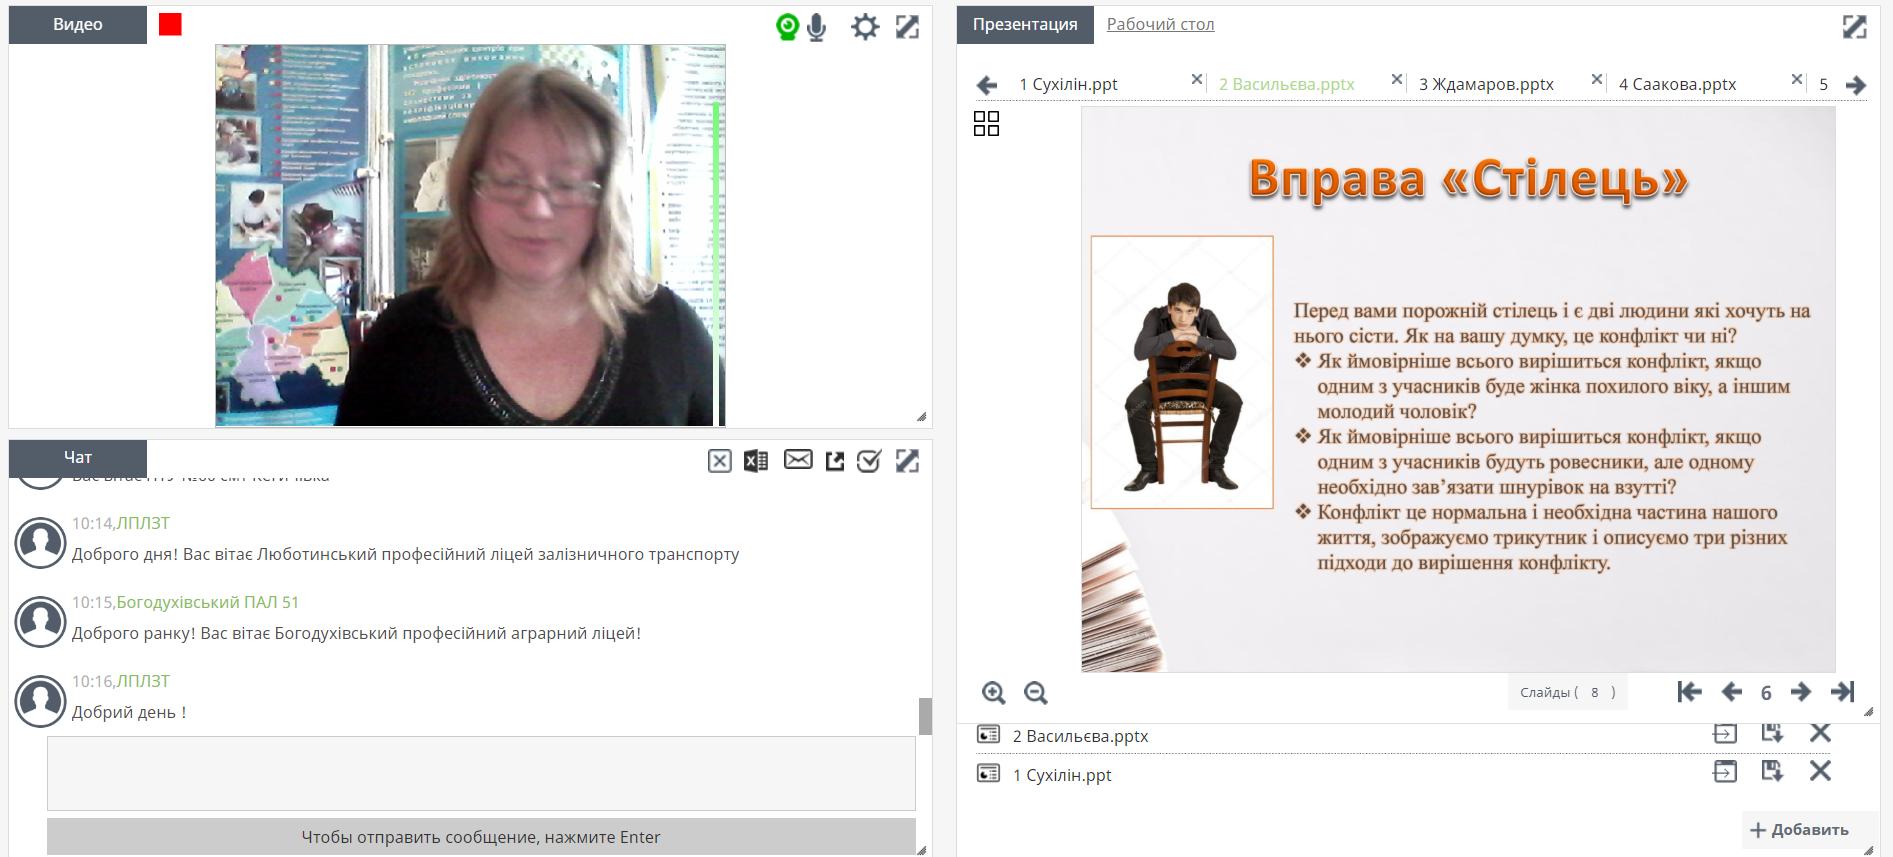 Вебінар для викладачів предмета «Громадянська освіта»